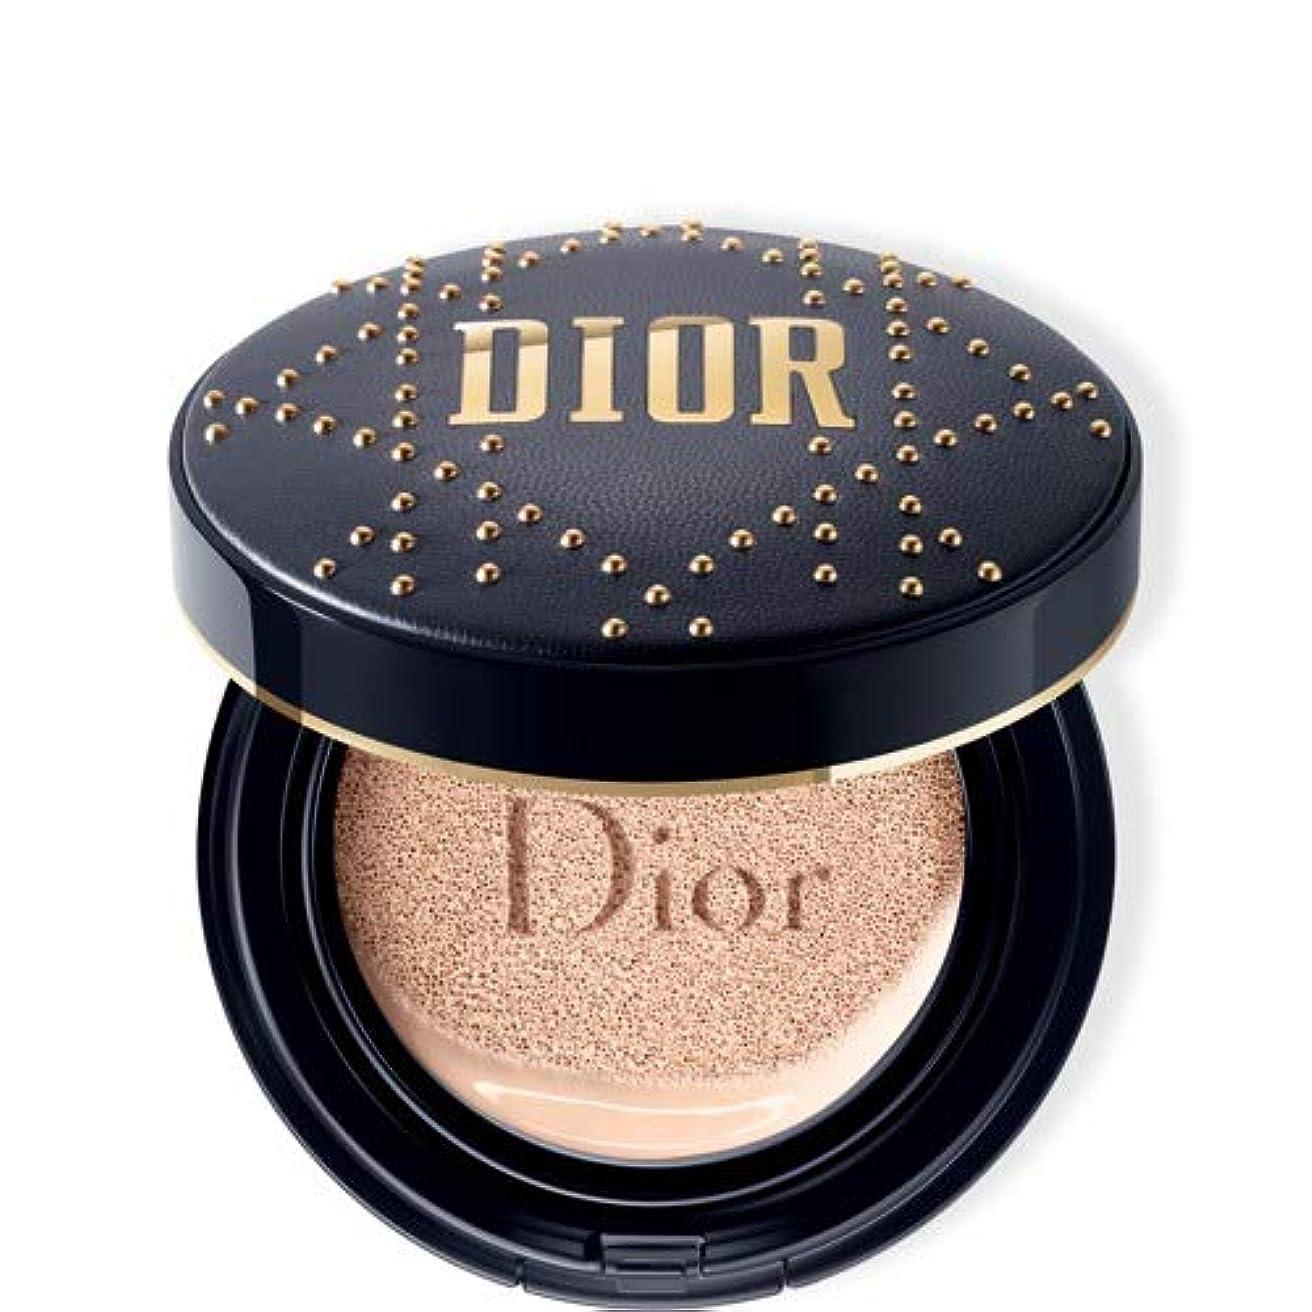 ハック飼料寛解Dior ディオールスキン フォーエヴァー クッション - 限定スタッズ カナージュ ケース #010